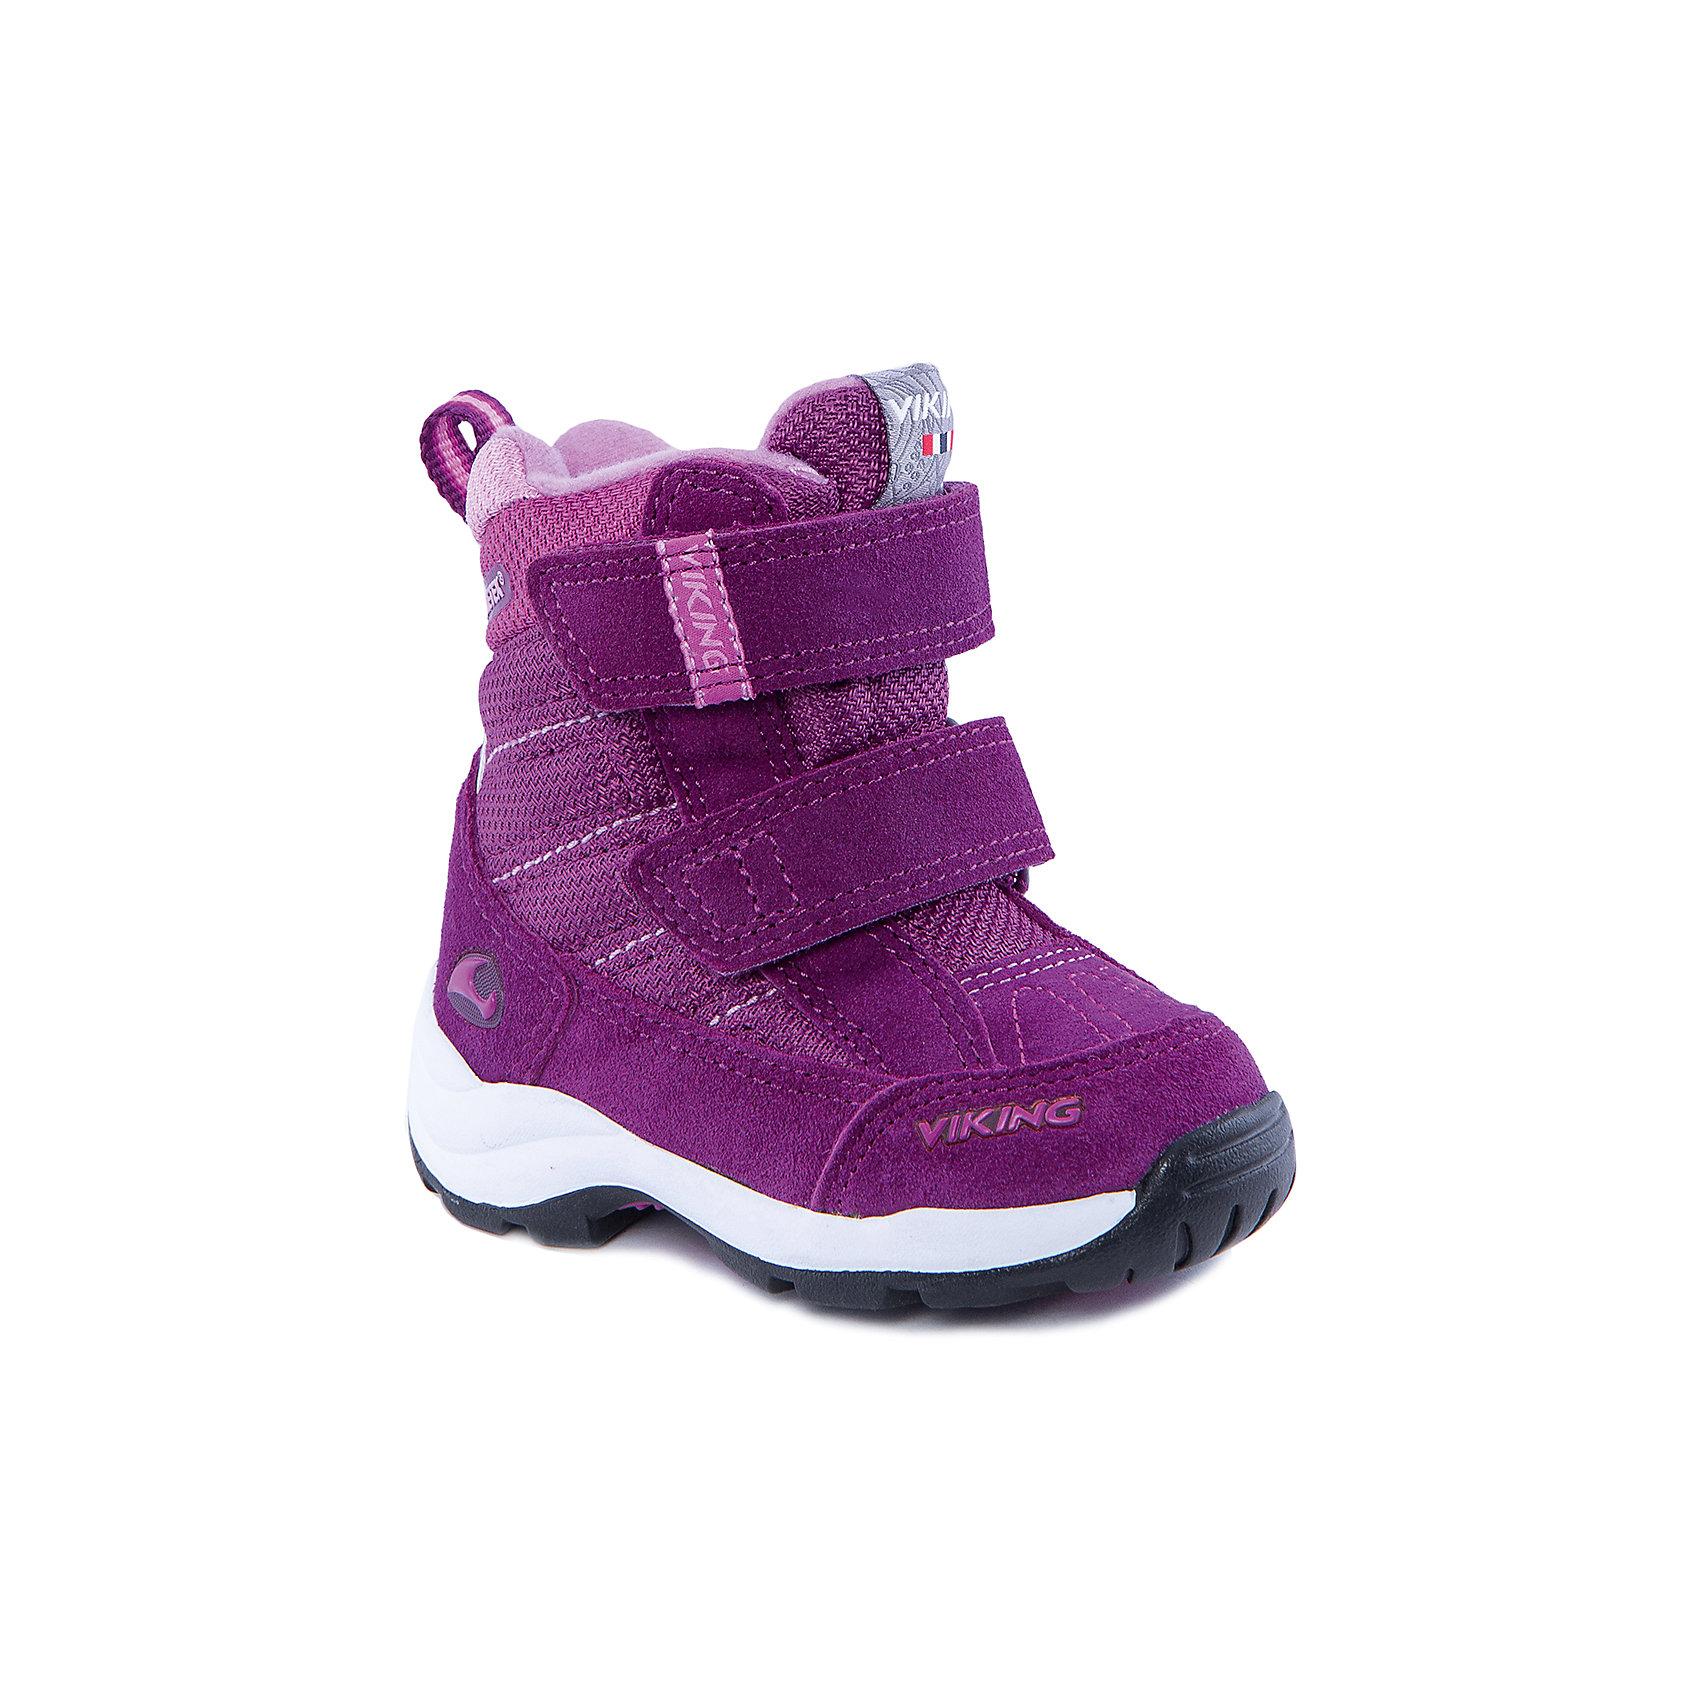 Ботинки для девочки VIKINGБотинки<br>Ботинки для девочки от популярной марки VIKING <br><br>Модные зимние ботинки сделаны по уникальной технологии. <br>Производитель обуви VIKING разработал специальную  высокотехнологичную мембрану GORE-TEX. Она добавляется в подкладку обуви и позволяют ногам оставаться сухими и теплыми. Мембрана активно отводит влагу наружу, и не дает жидкости проникать внутрь. Мембрана GORE-TEX не создает препятствий для воздуха, обеспечивая комфортные условия для детских ножек.<br><br>Отличительные особенности модели:<br><br>- цвет: фуксия;<br>- гибкая нескользящая подошва;<br>- утепленная стелька;<br>- небольшой вес;<br>- усиленный носок и задник;<br>- эргономичная форма;<br>- мембрана GORE-TEX;<br>- специальная колодка для поддержания правильного положения стопы;<br>- соединенный с ботинком язычок, не дающий снегу попасть внутрь;<br>- удобный супинатор;<br>- застежки-липучки.<br><br>Дополнительная информация:<br><br>- Температурный режим: от - 30° С  до -0° С.<br><br>- Состав:<br><br>материал верха: 60% натуральная замша, 40% текстиль<br>материал подкладки: 80% шерсть, 20% полиэстер, мембрана GORE-TEX<br>подошва: резина<br><br>Ботинки для девочки VIKING (Викинг) можно купить в нашем магазине.<br><br>Ширина мм: 262<br>Глубина мм: 176<br>Высота мм: 97<br>Вес г: 427<br>Цвет: розовый<br>Возраст от месяцев: 21<br>Возраст до месяцев: 24<br>Пол: Женский<br>Возраст: Детский<br>Размер: 24,29,27,26,23,21,20,28,25,22<br>SKU: 4279190